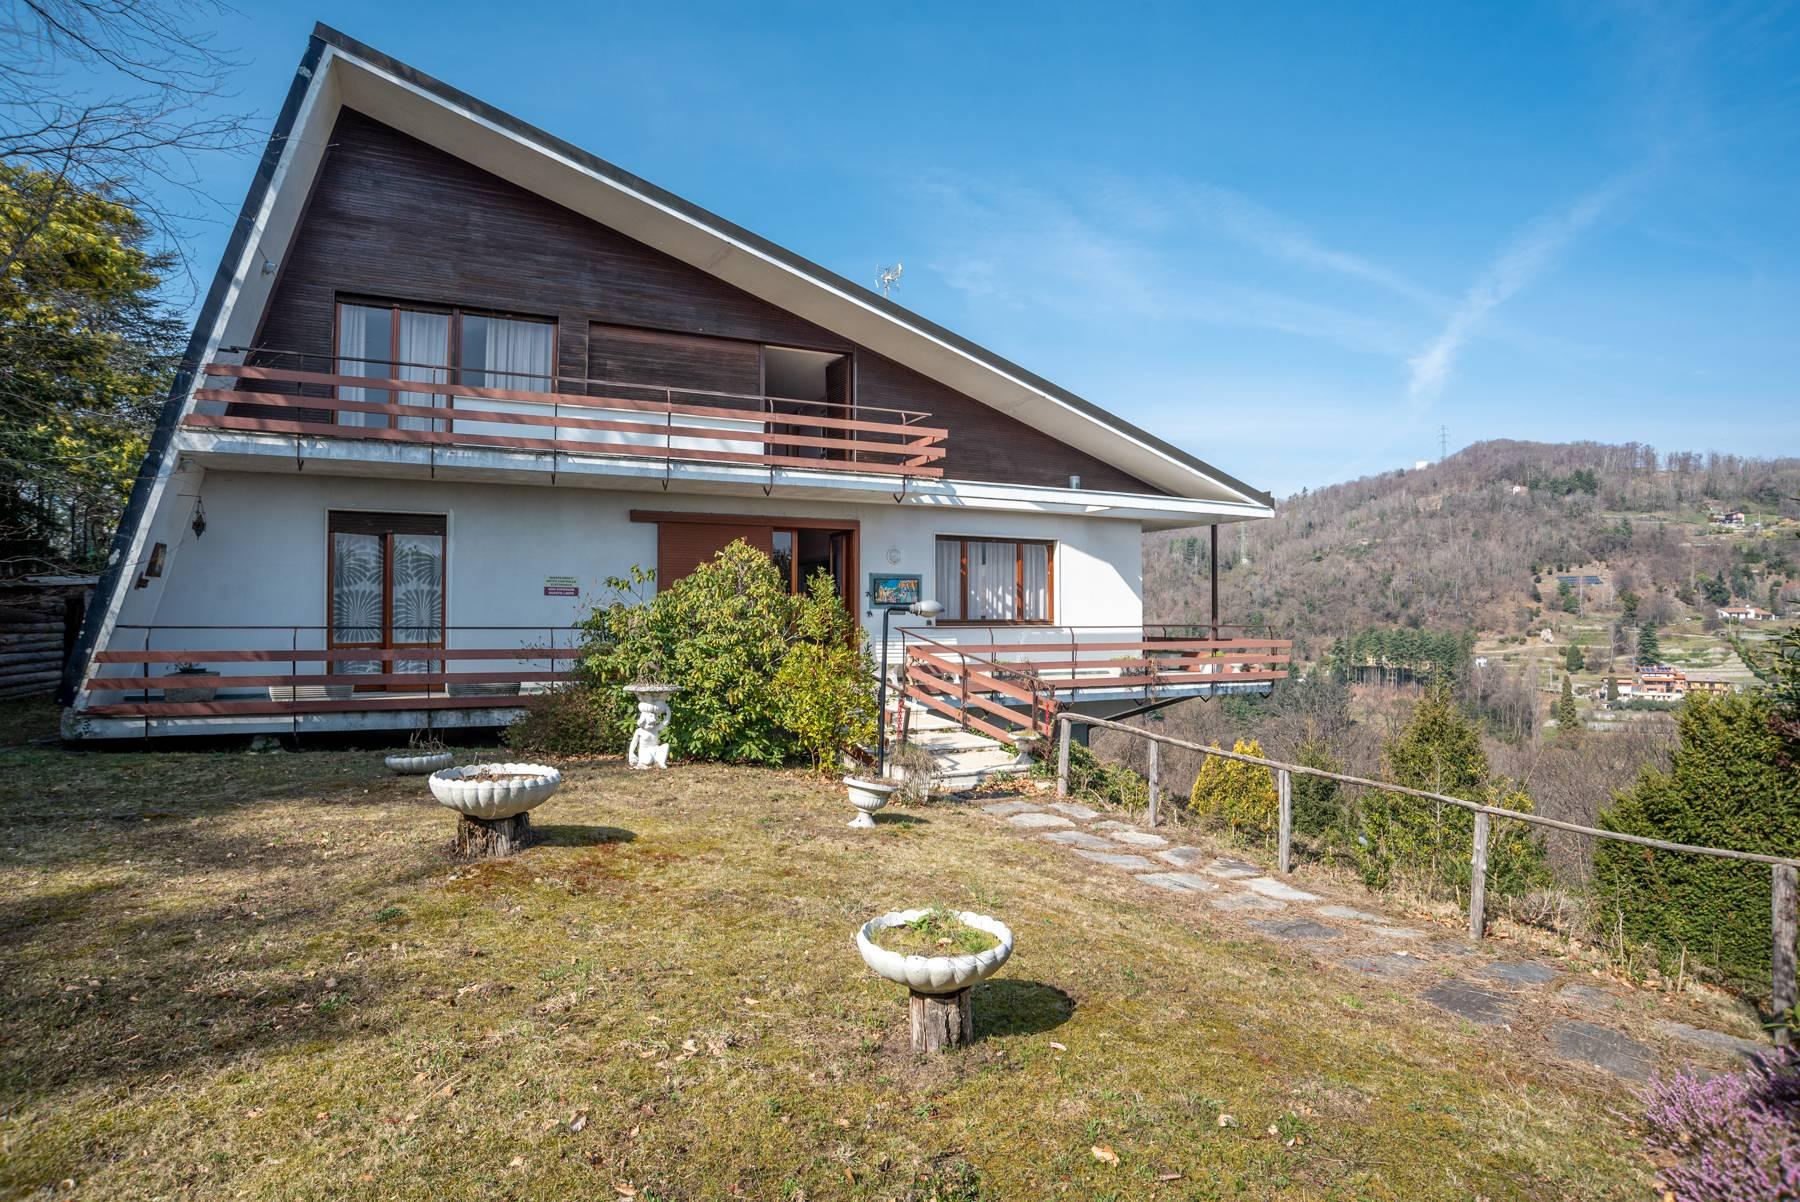 Villa in Vendita a Arona: 5 locali, 350 mq - Foto 14